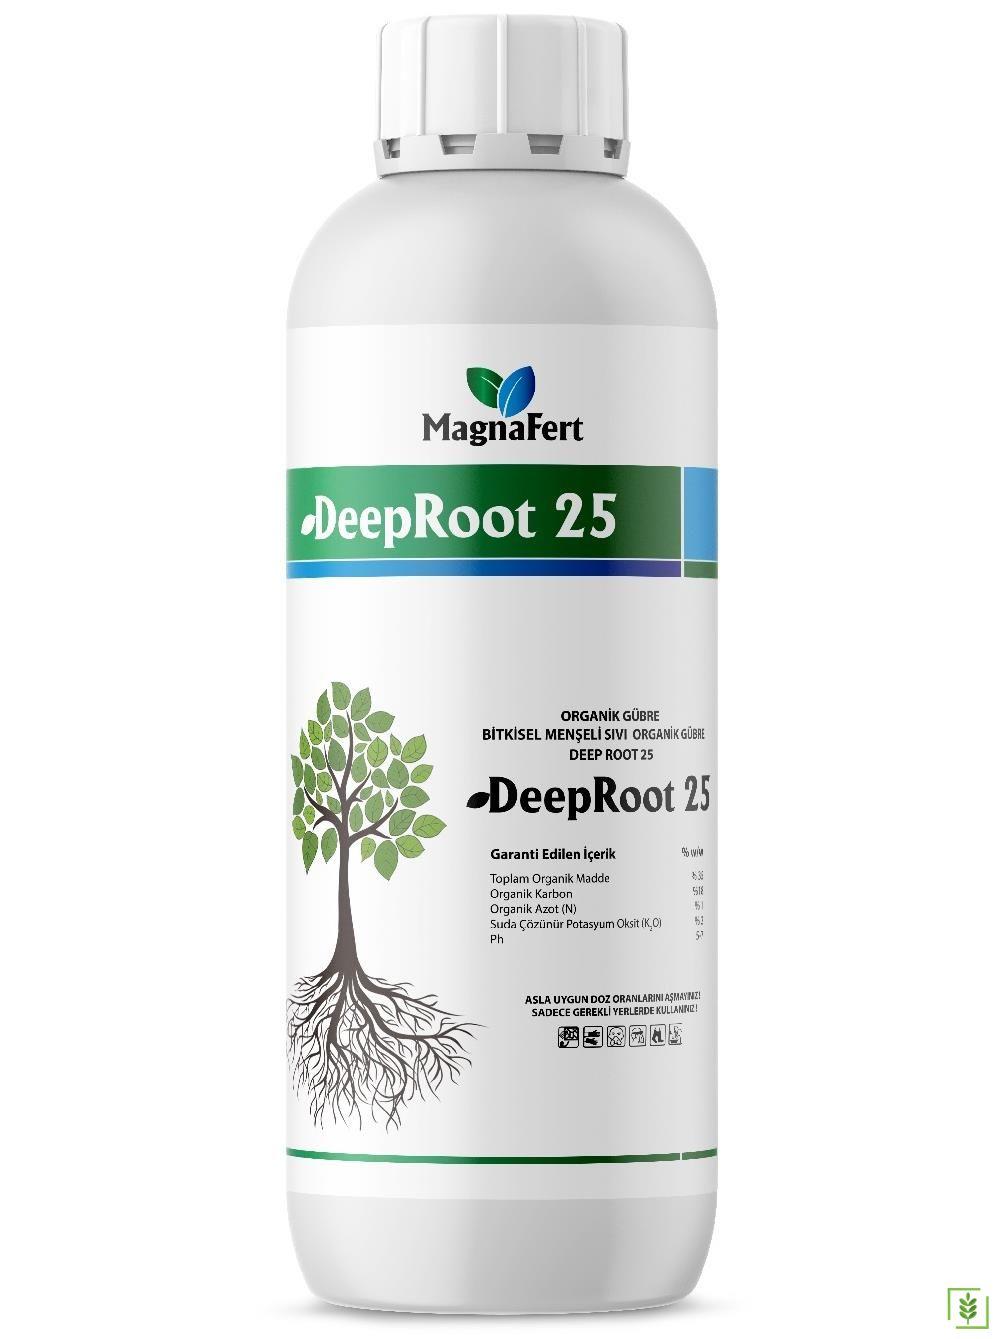 DeepRoot 25 Organik Sıvı Gübre 1 lt